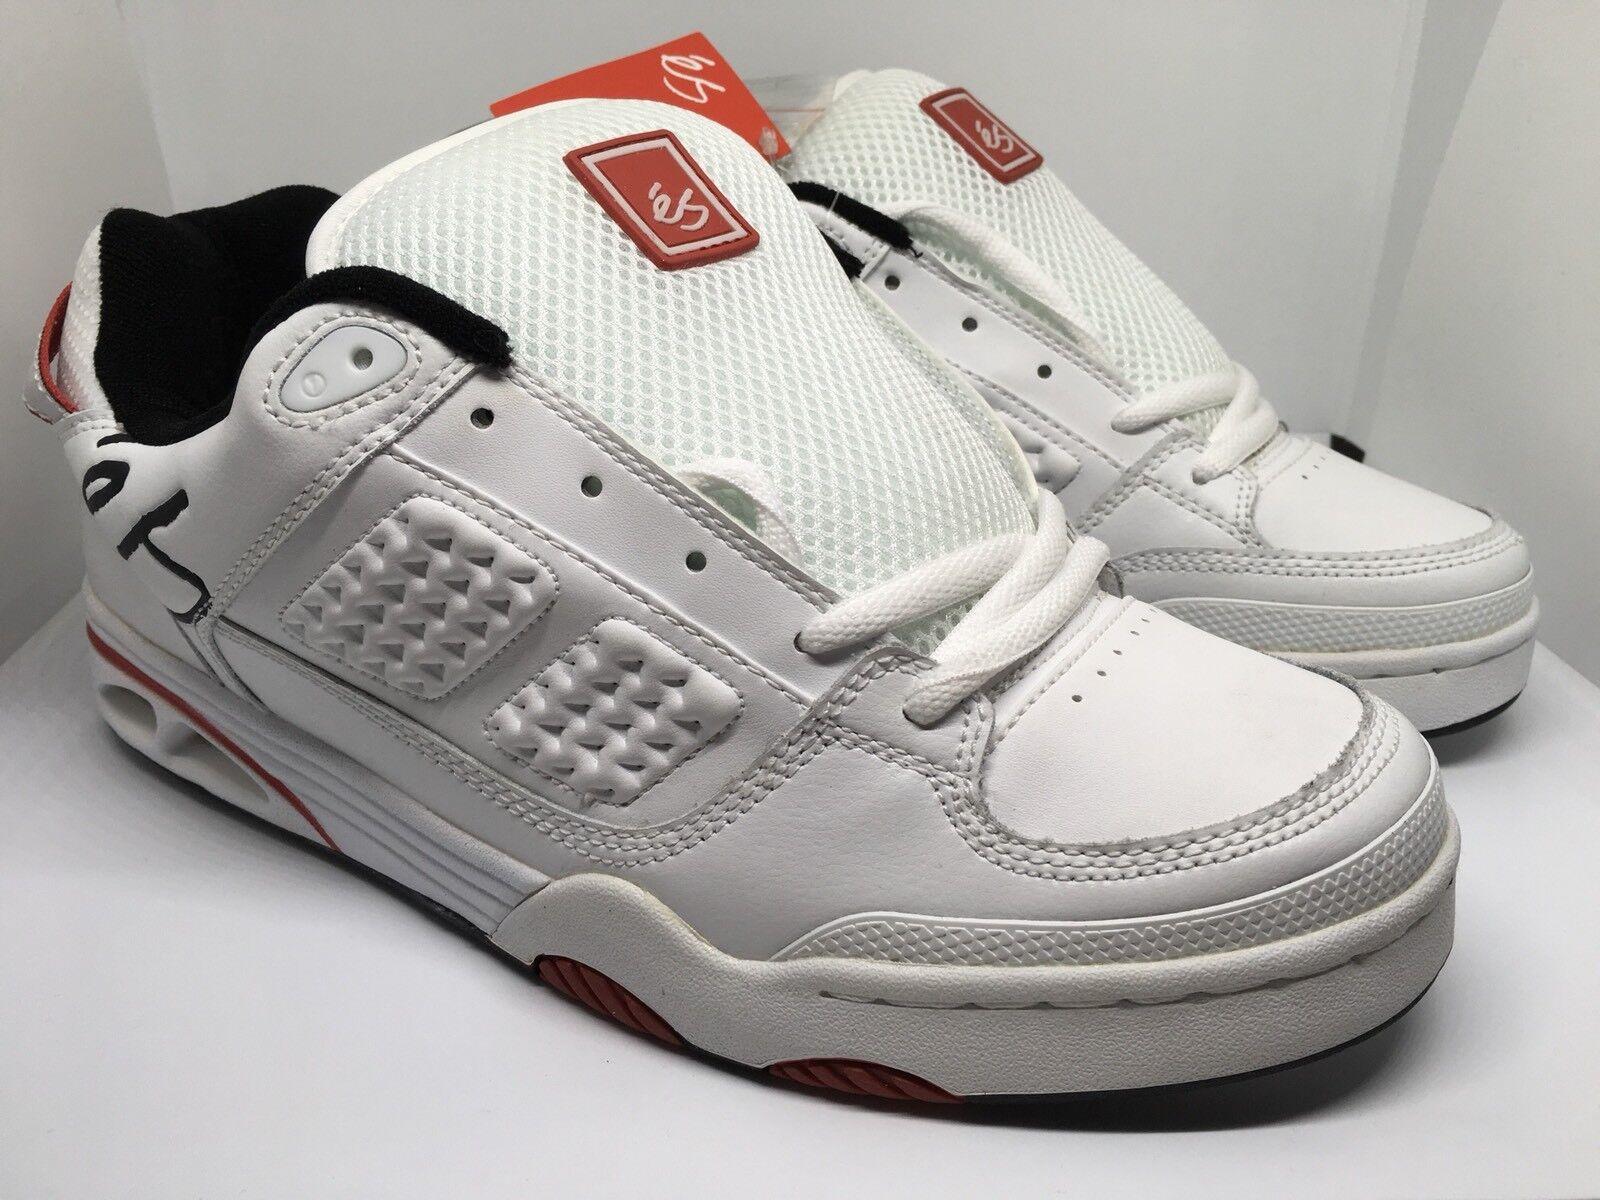 ES Footwear Saga RARE UK9 US10 White BNIB